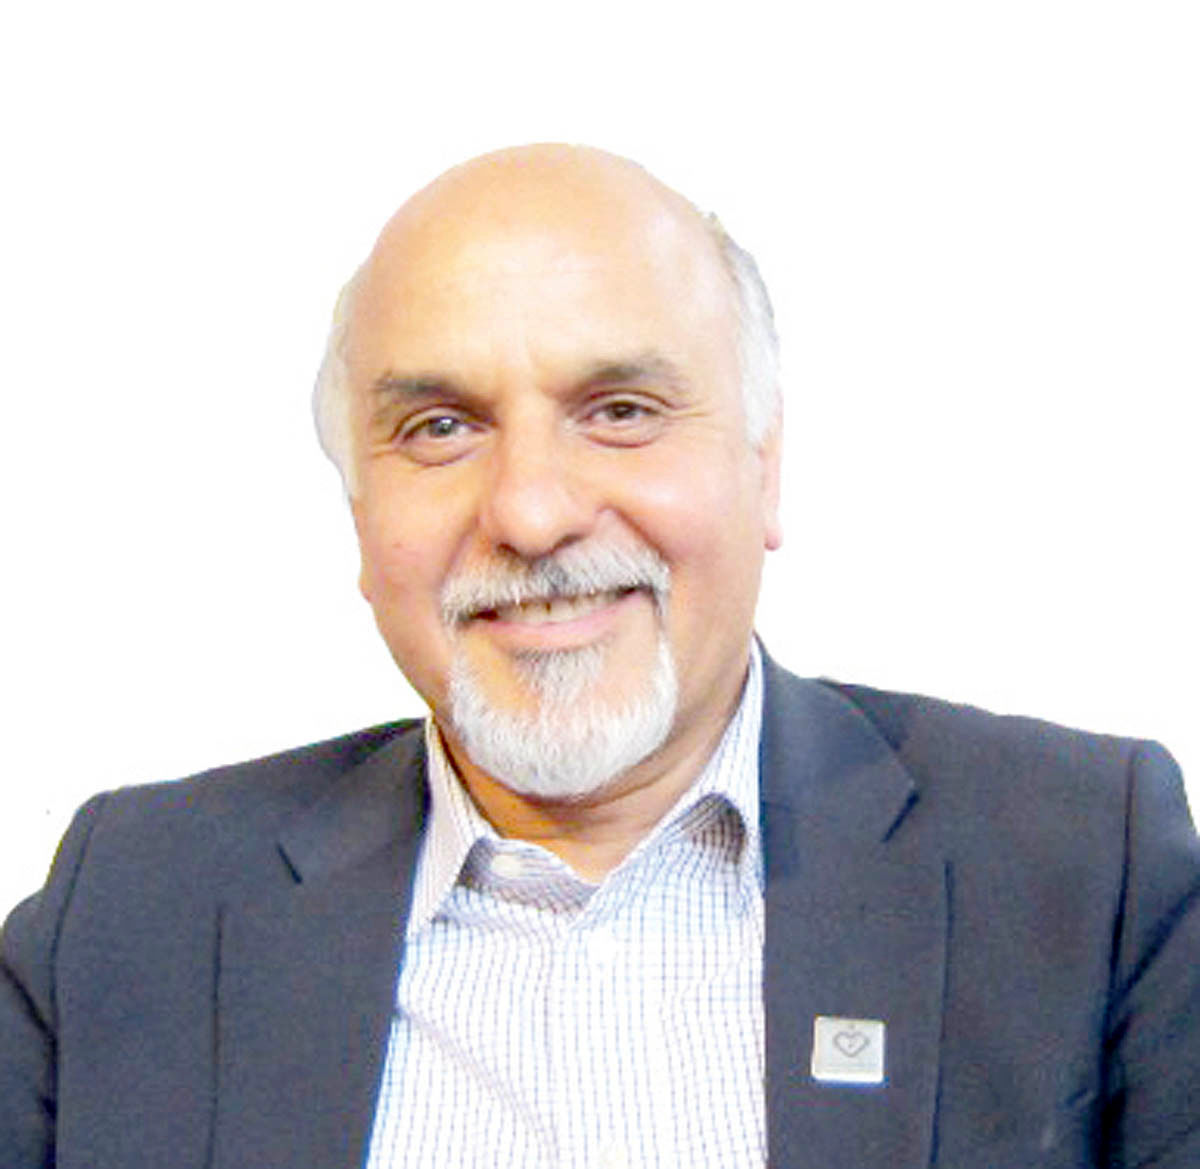 تفکرات ضد توسعهای دولتها در ایران